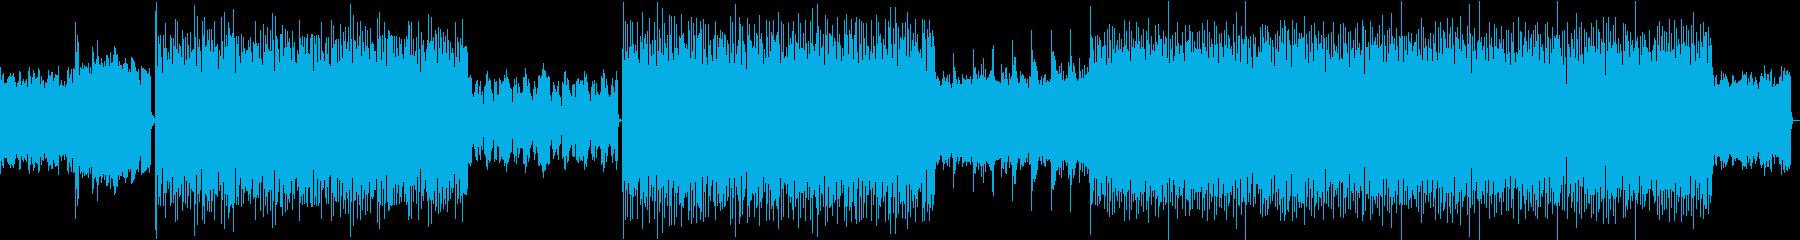 迫力あるオーケストラ、ゲームBGM等にの再生済みの波形